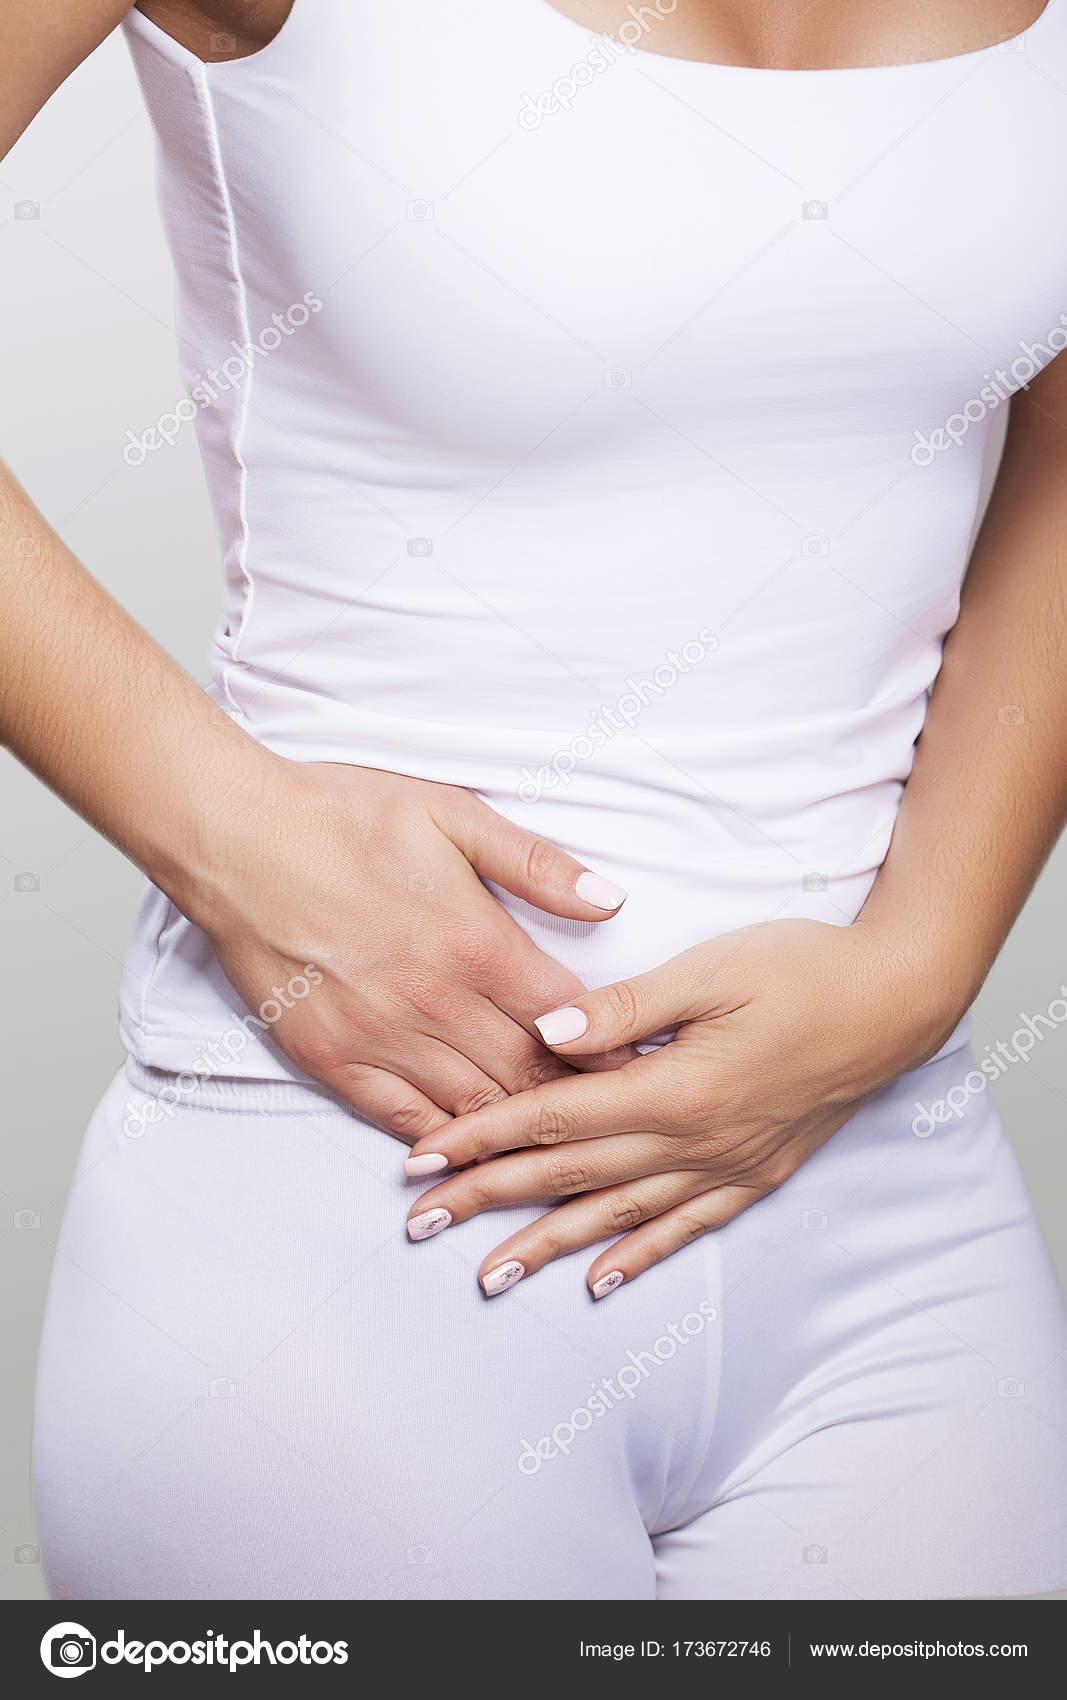 Lado del dolor de apendicitis